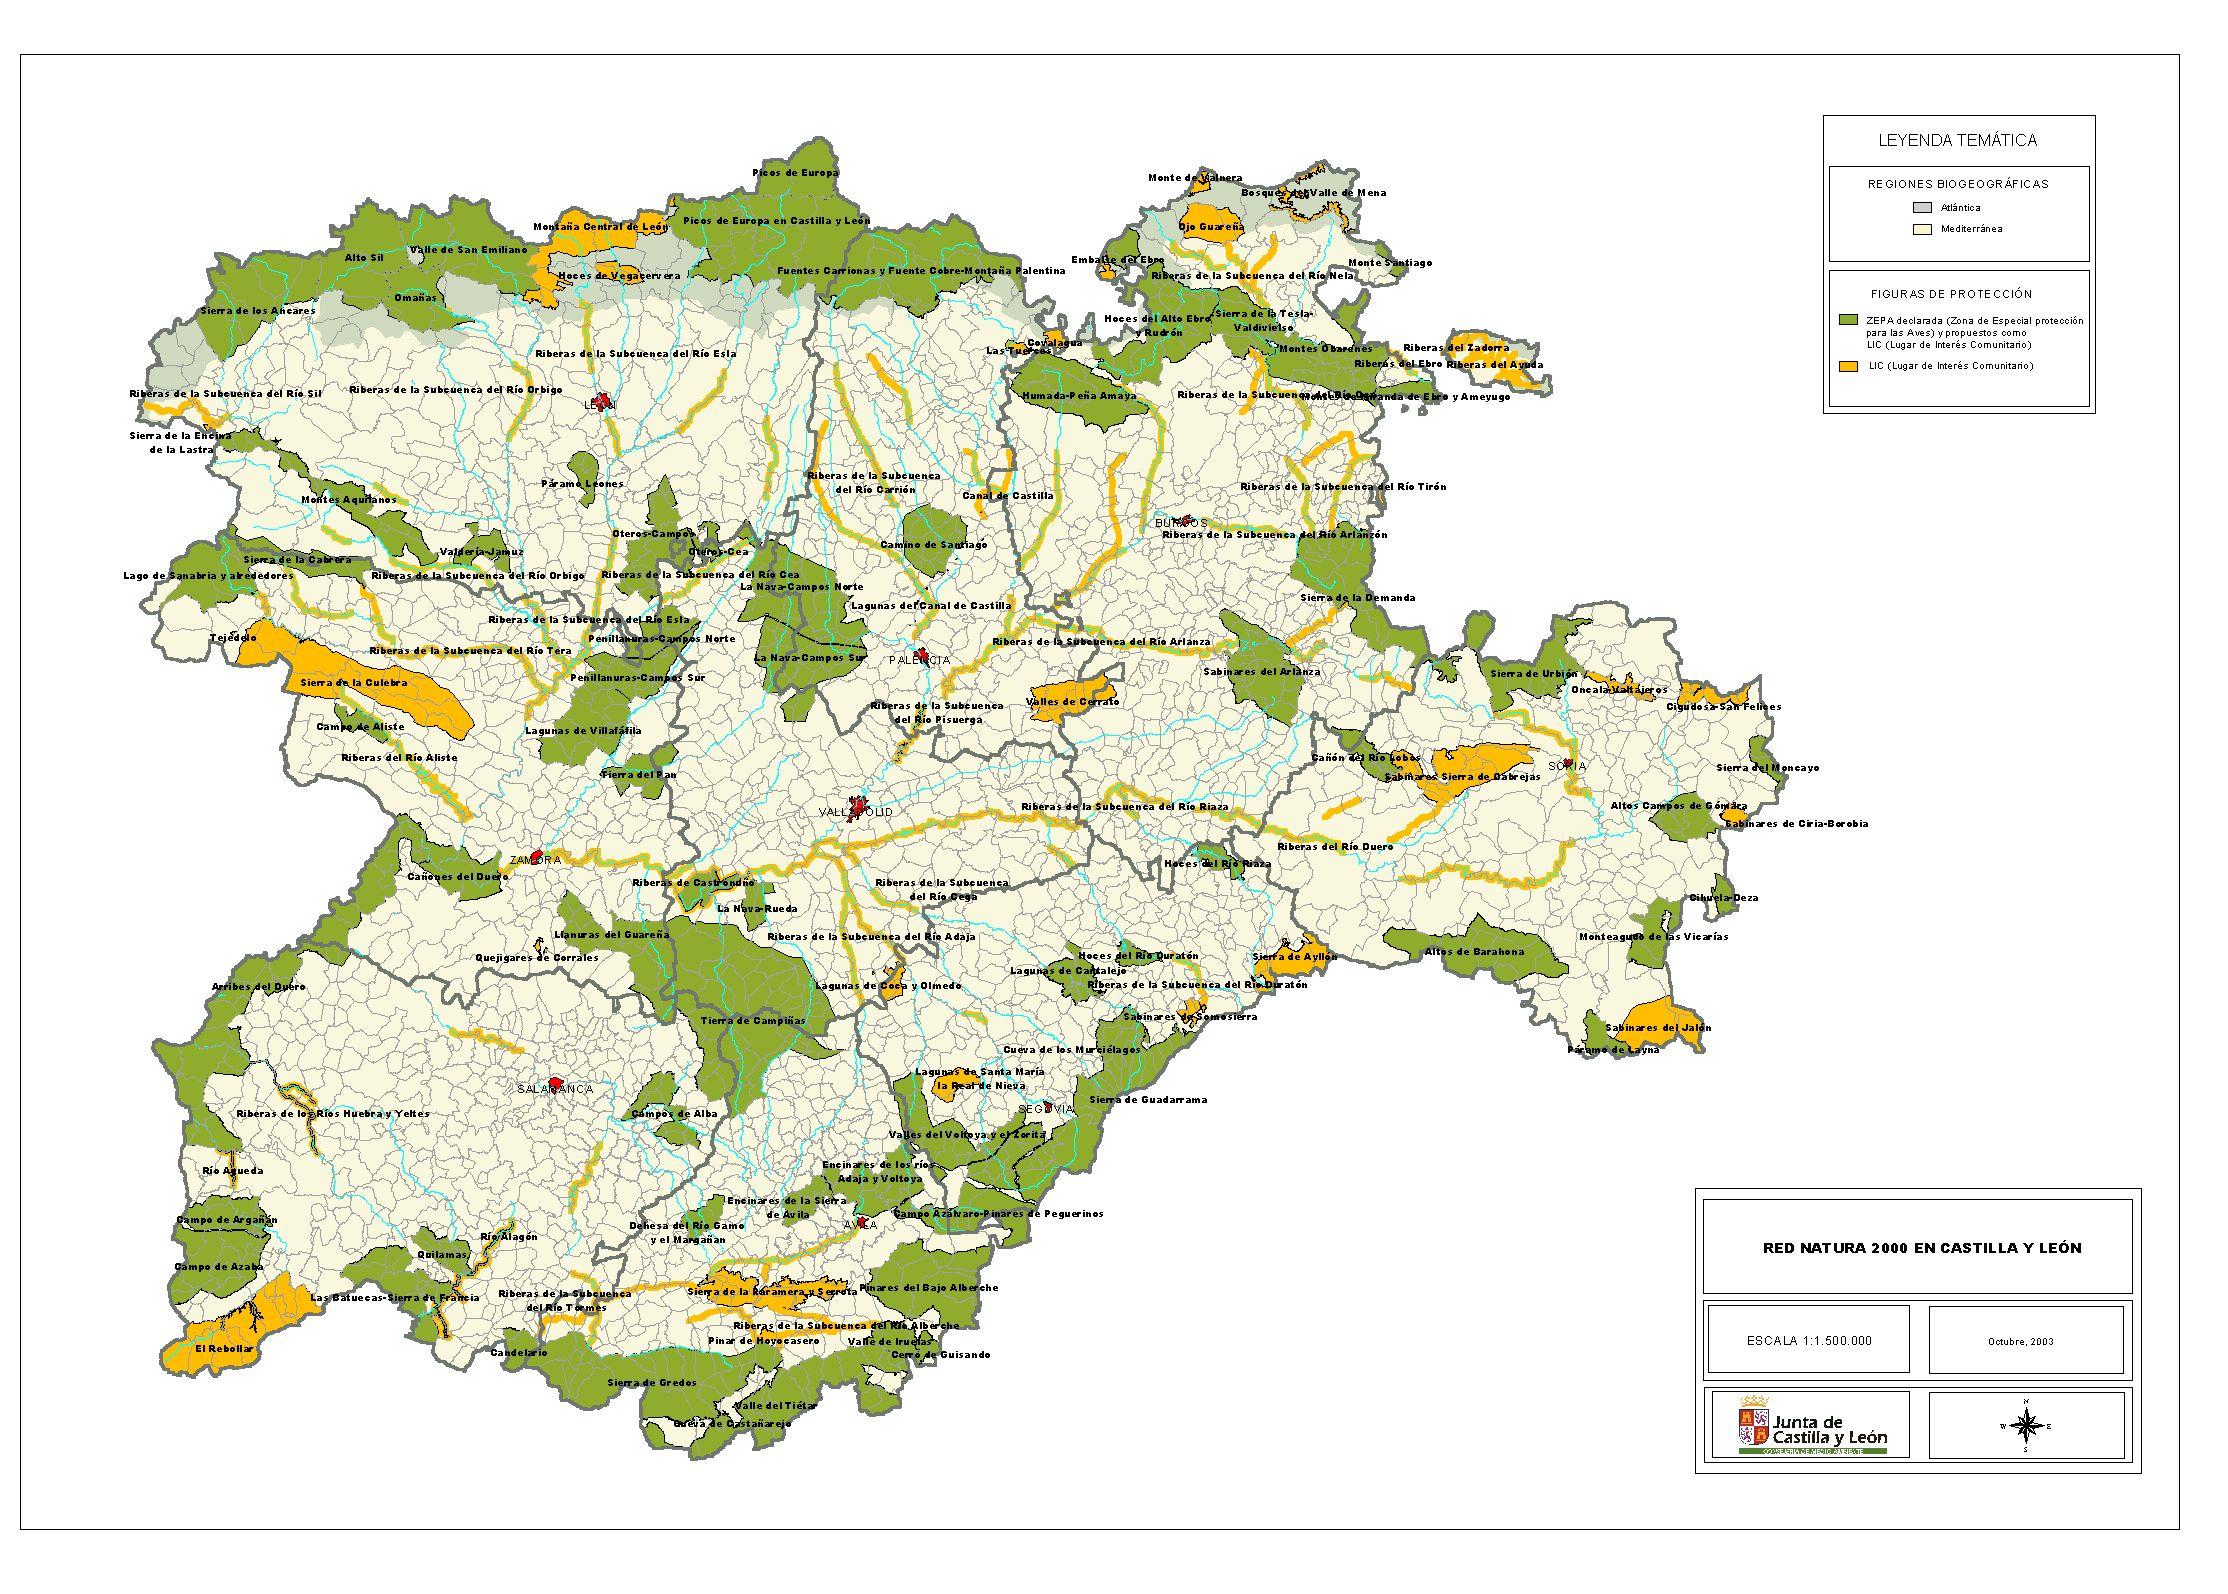 Mapa de las zonas zepas y lics en castilla y le n fuente for Oficina turismo castilla y leon